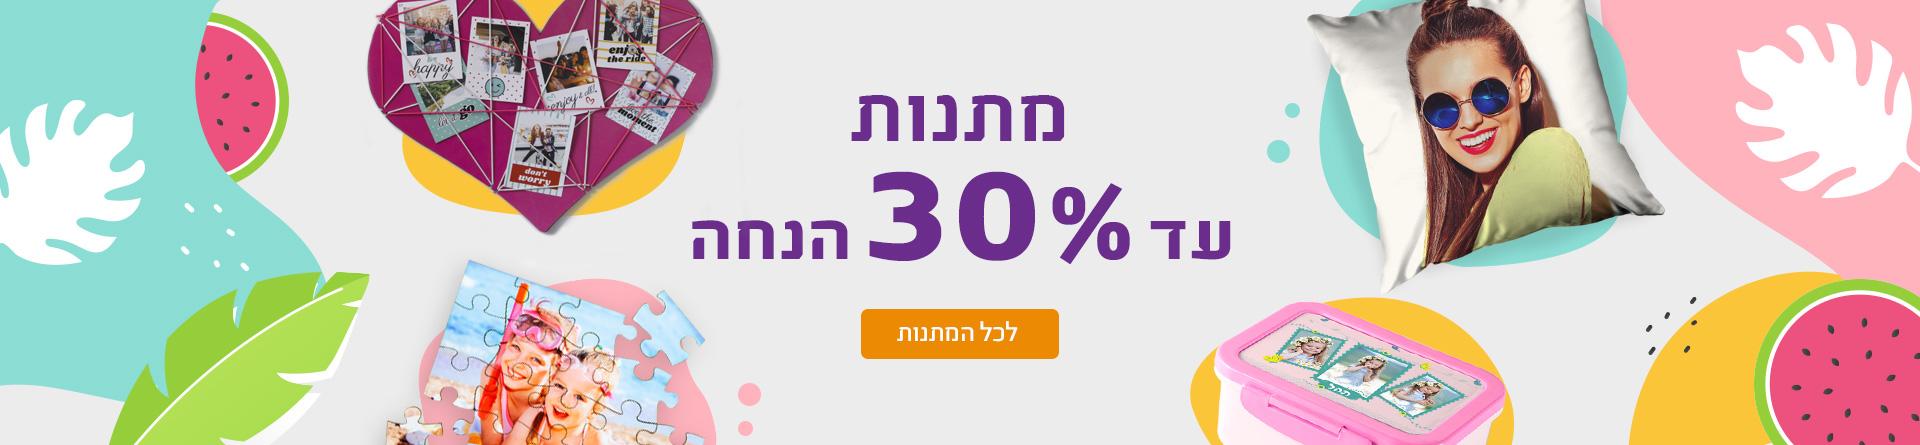 מתנות עד 30% הנחה- יולי 1.7